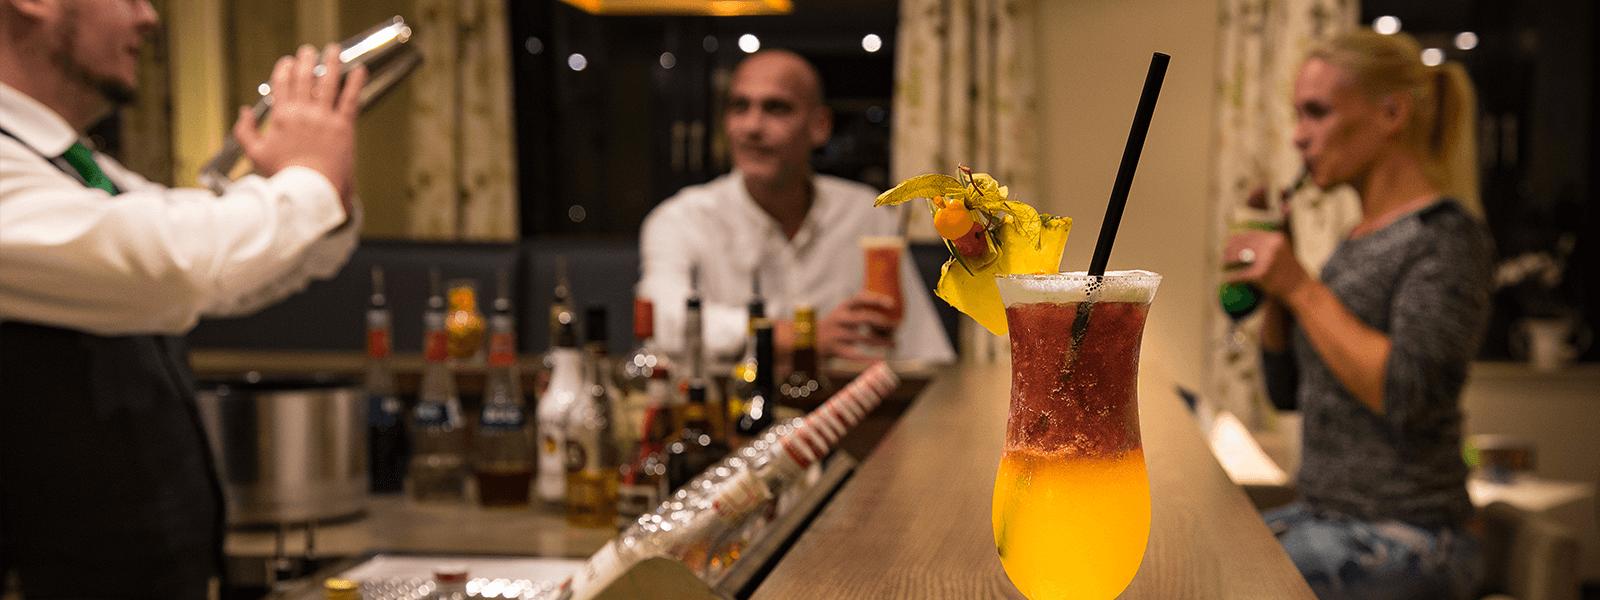 Barkeeper beim Cocktail mixen, Hotelgäste genießen an der Bartheke ihre Cocktails und auf der Theke steht ein köstlich aussehender Cocktail